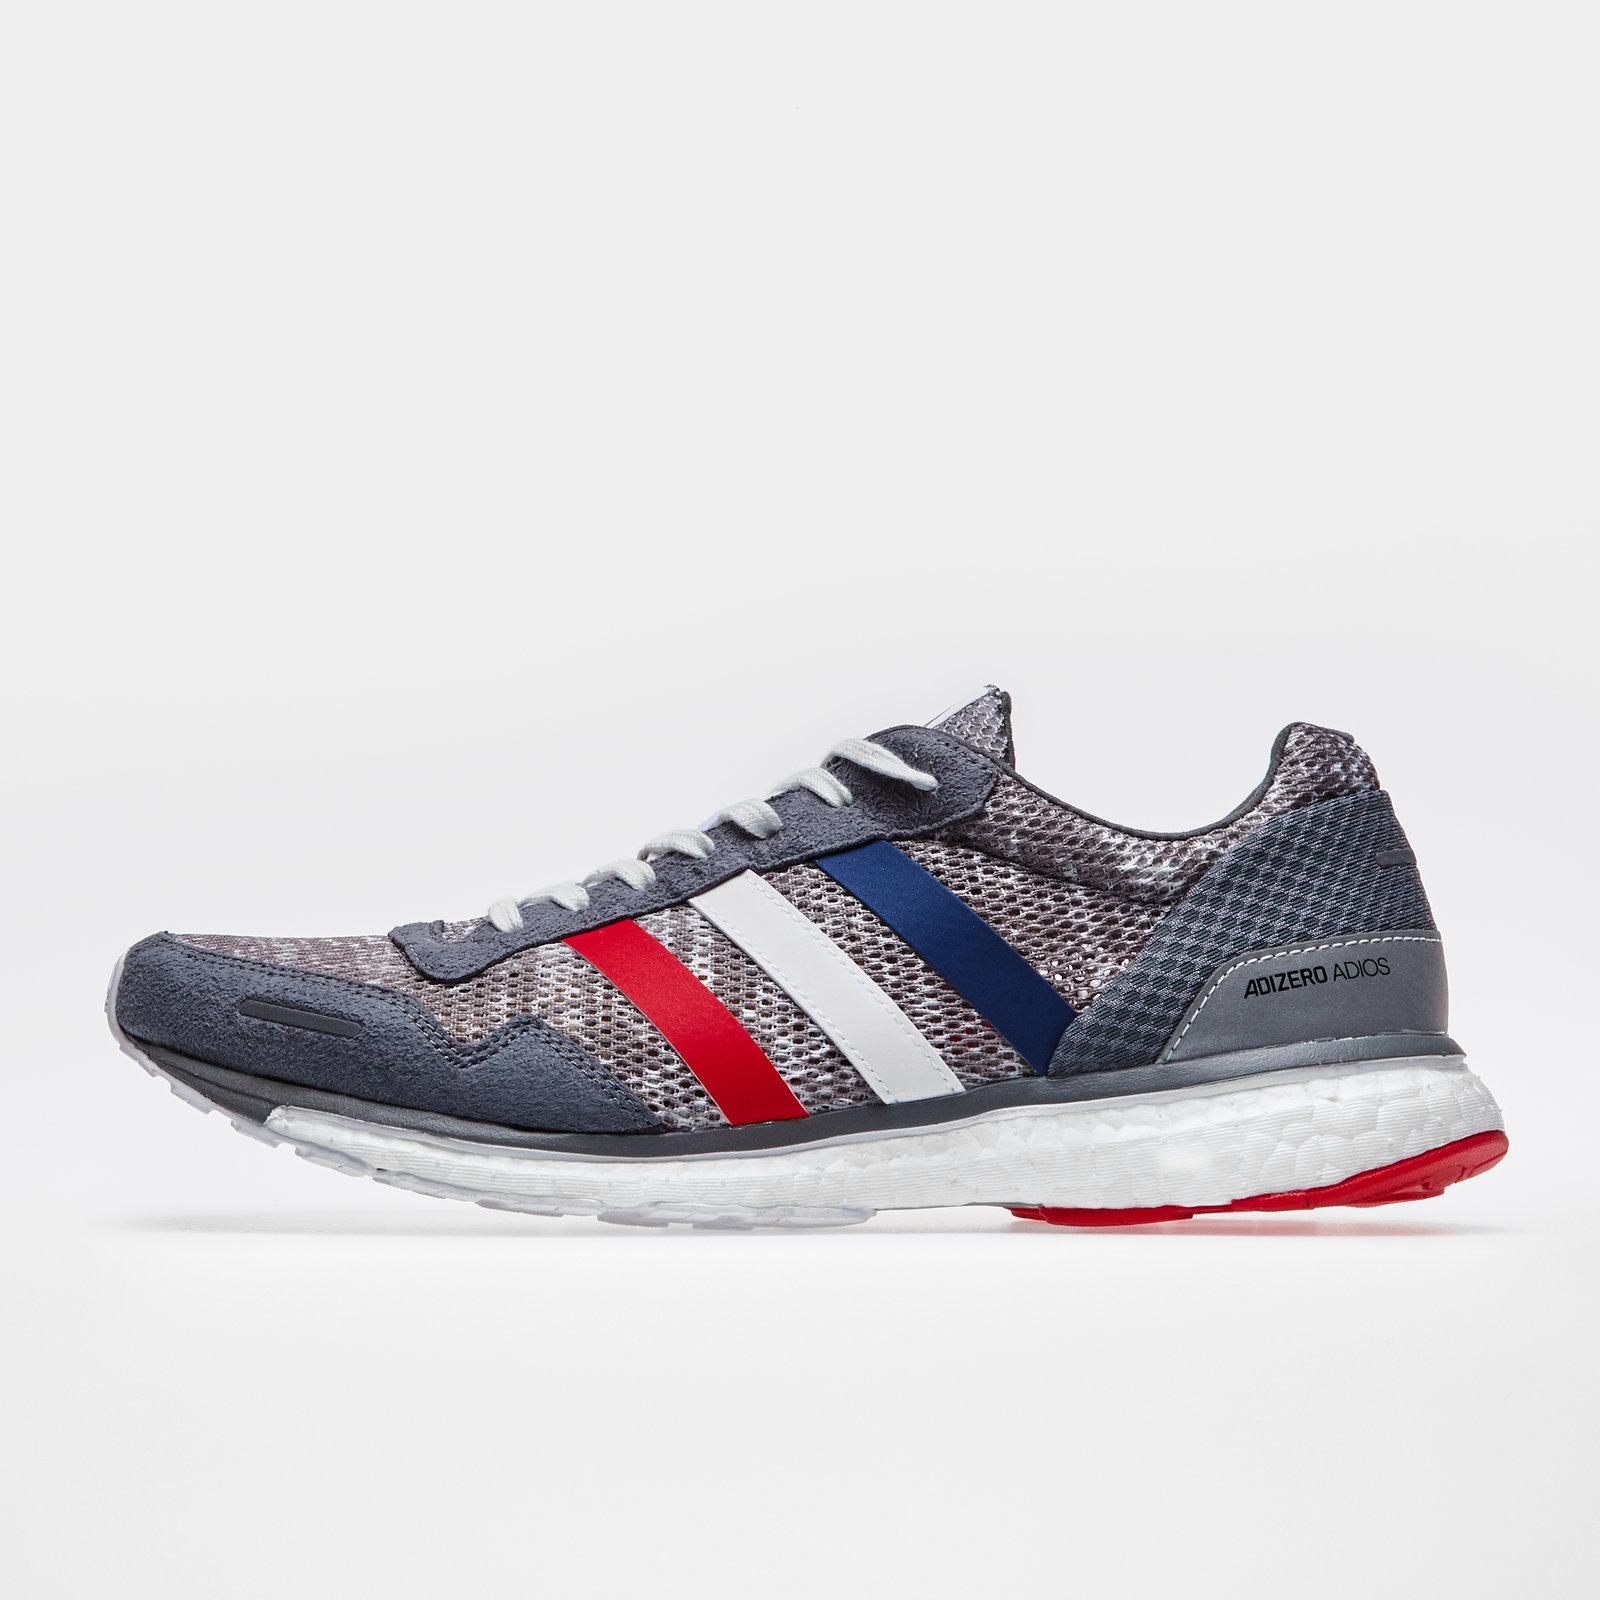 Image of adizero Adios 3 AKTIV Running Shoes